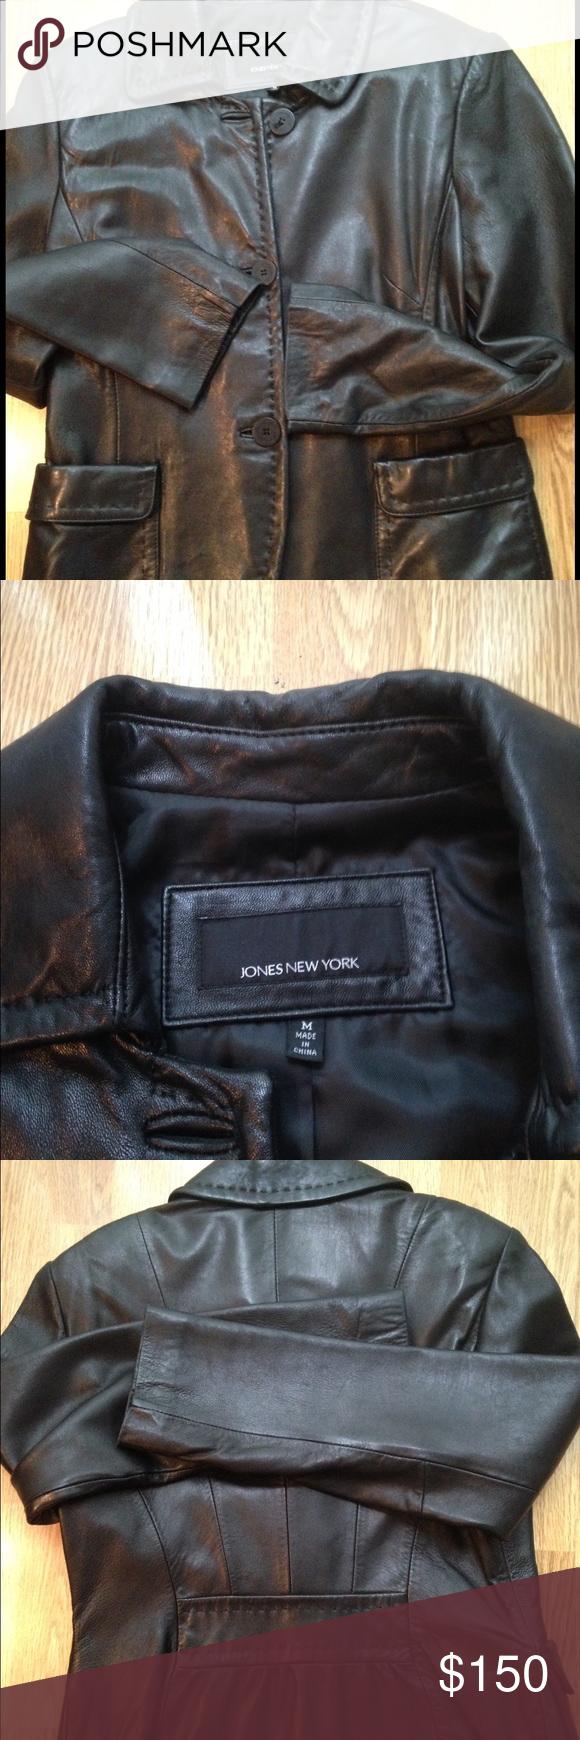 Jones New York Leather Jacket Leather Jacket Jackets Jones New York [ 1740 x 580 Pixel ]